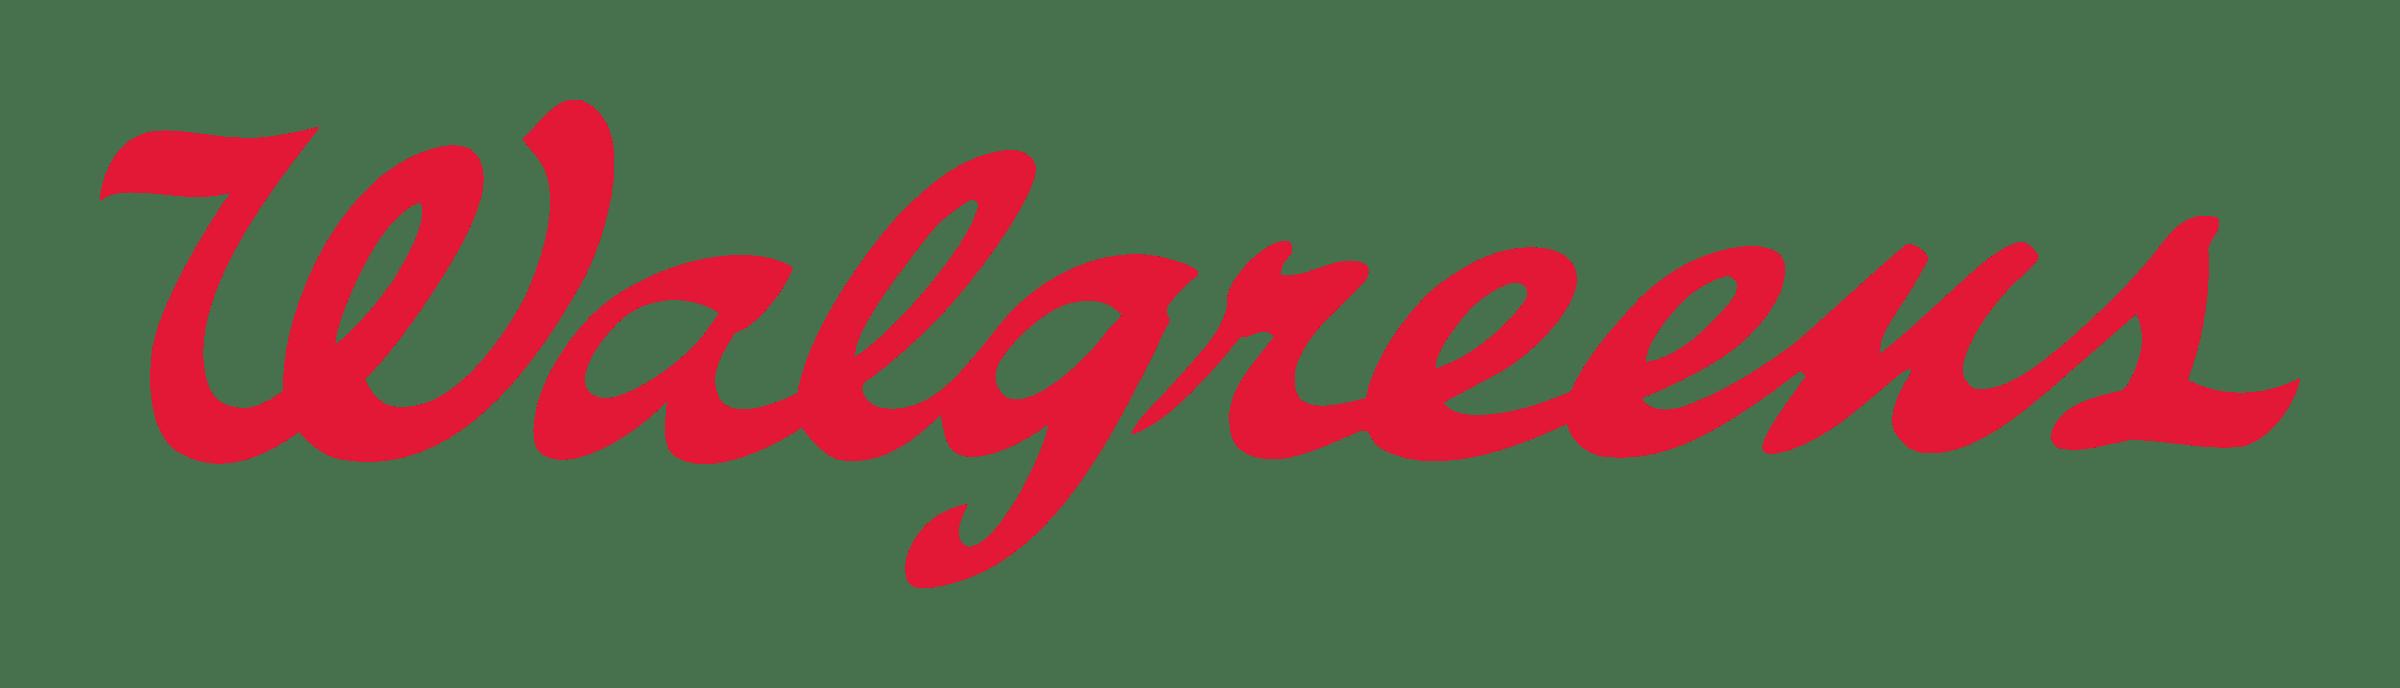 Walgreens Logo transparent PNG.